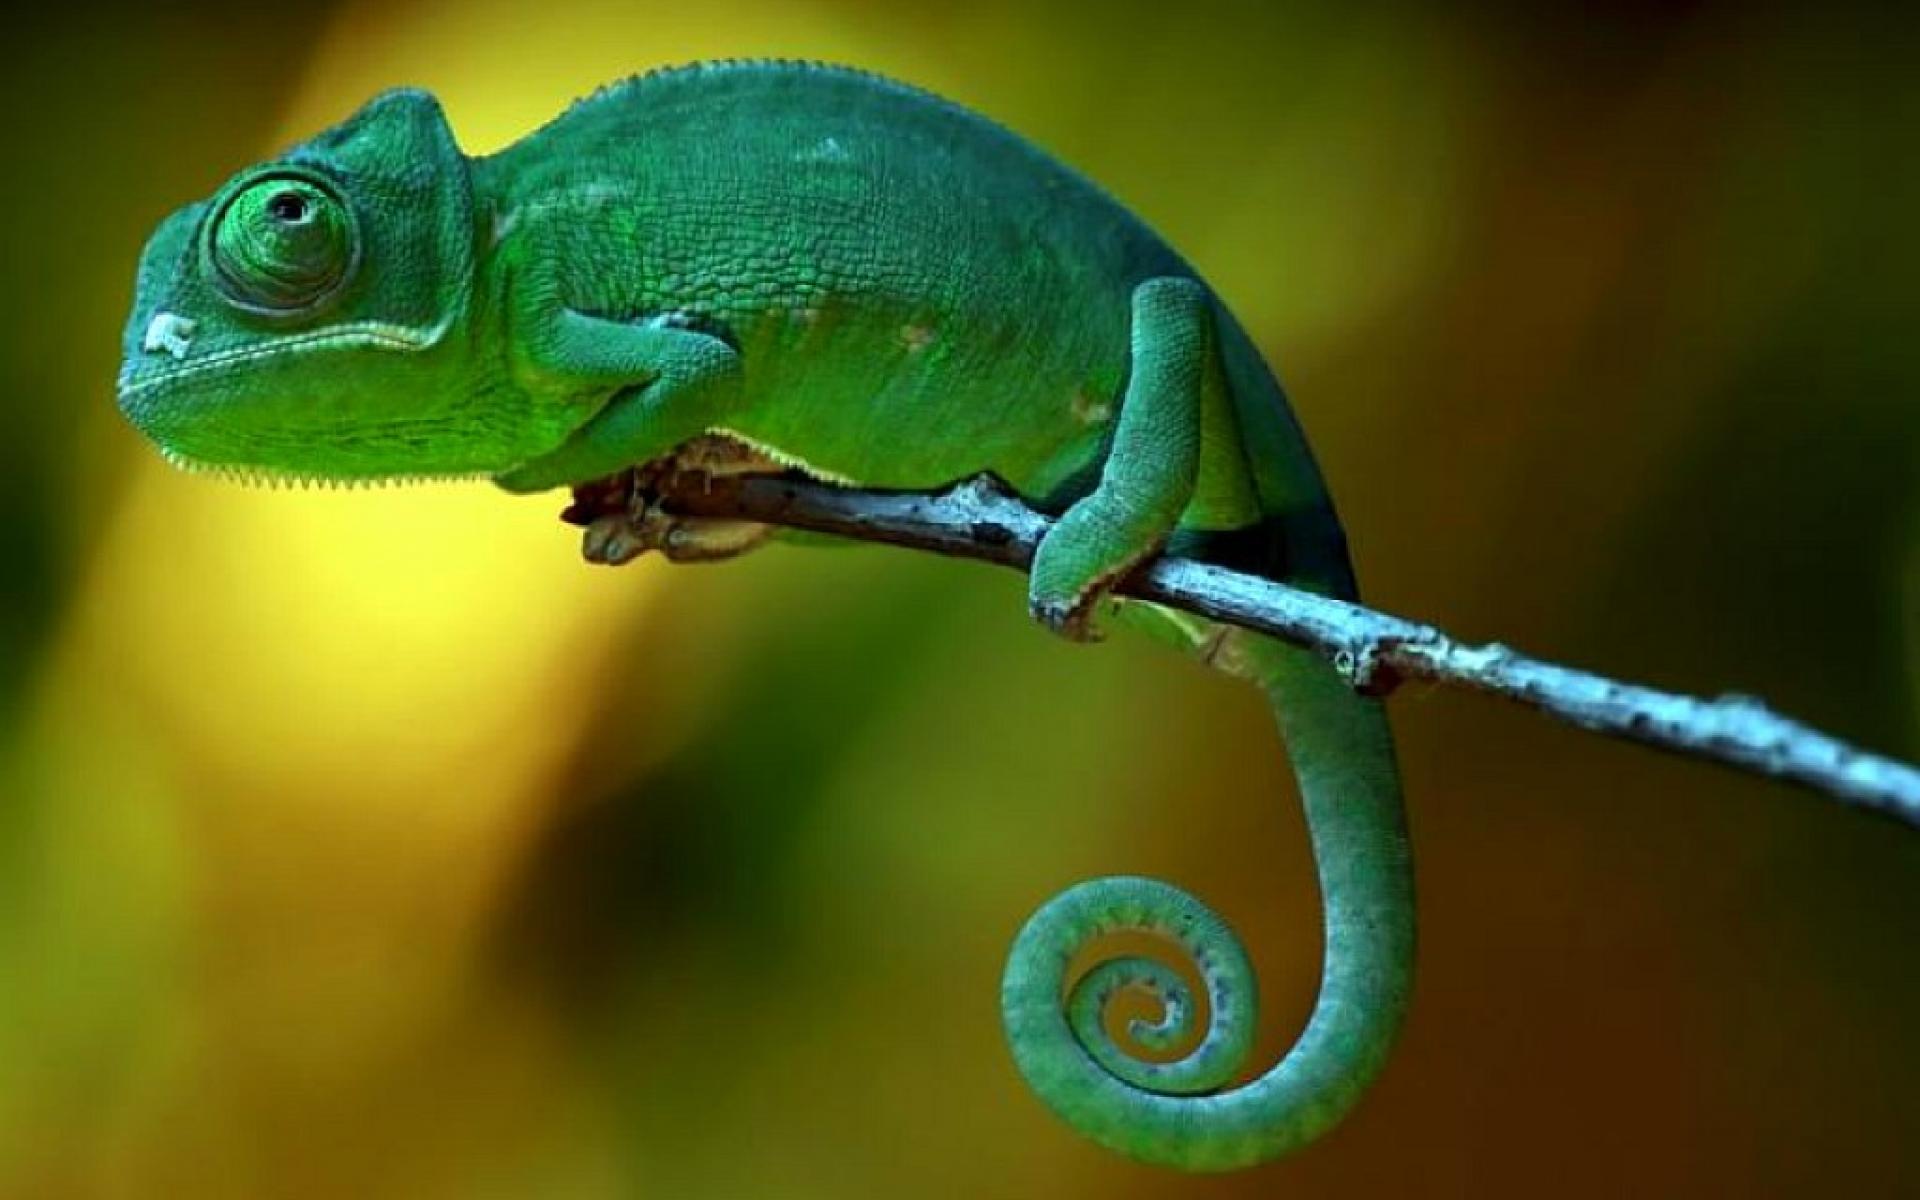 3d Frog Wallpaper Chameleon Branch Wallpaper 1920x1200 12210